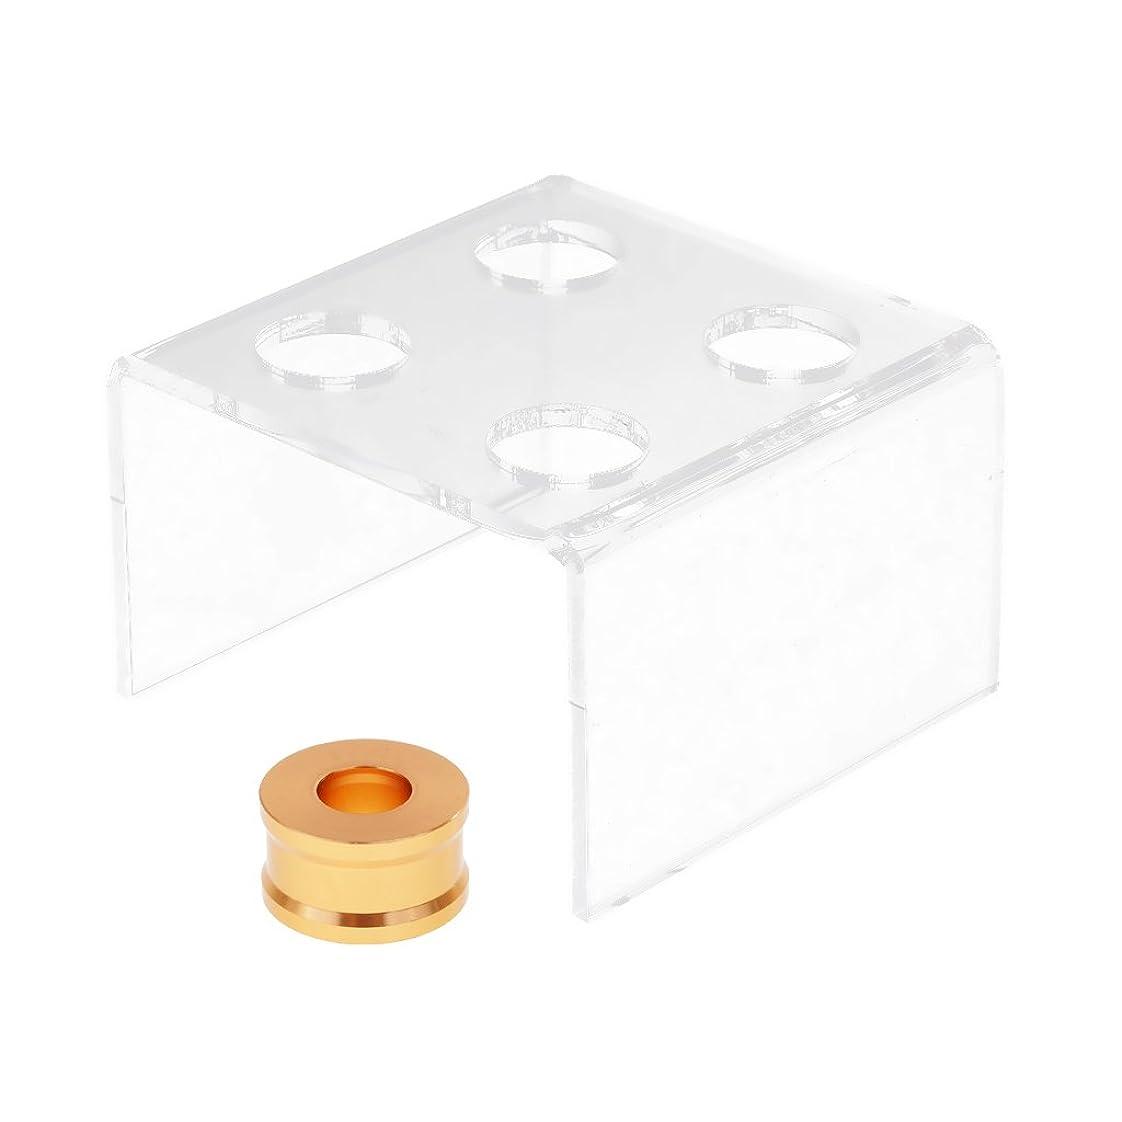 漏斗理想的には委員長12.1mmチューブ スタンドと口紅の型リング リップクリーム DIY 金型 メイクアップツール